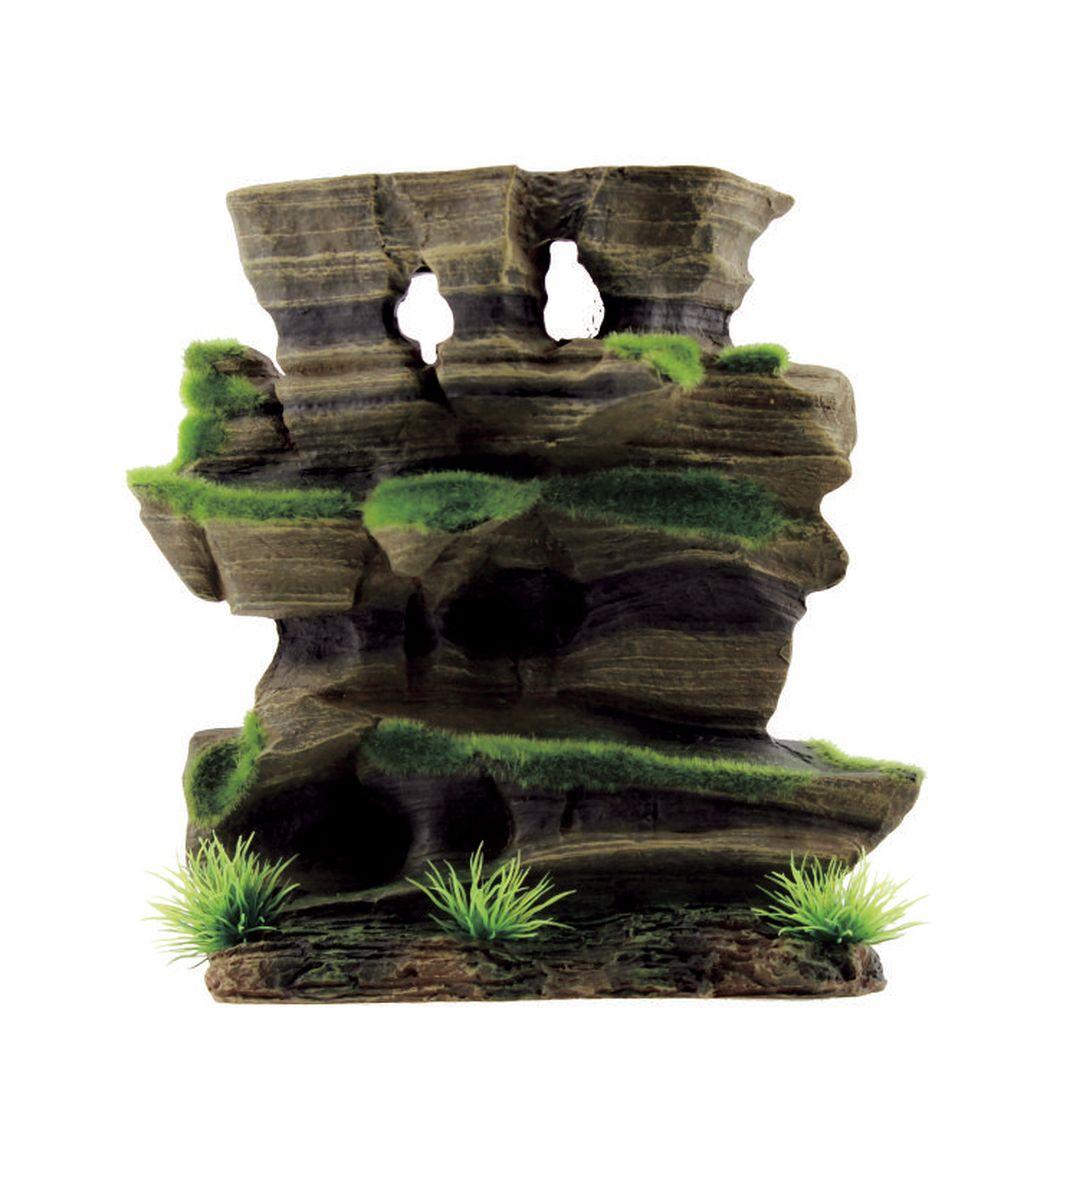 Декорация для аквариума ArtUniq Фигурная скала со мхом, 20,5 x 8,5 x 20,5 смART-3115040Декорация для аквариума ArtUniq Фигурная скала со мхом, 20,5 x 8,5 x 20,5 см